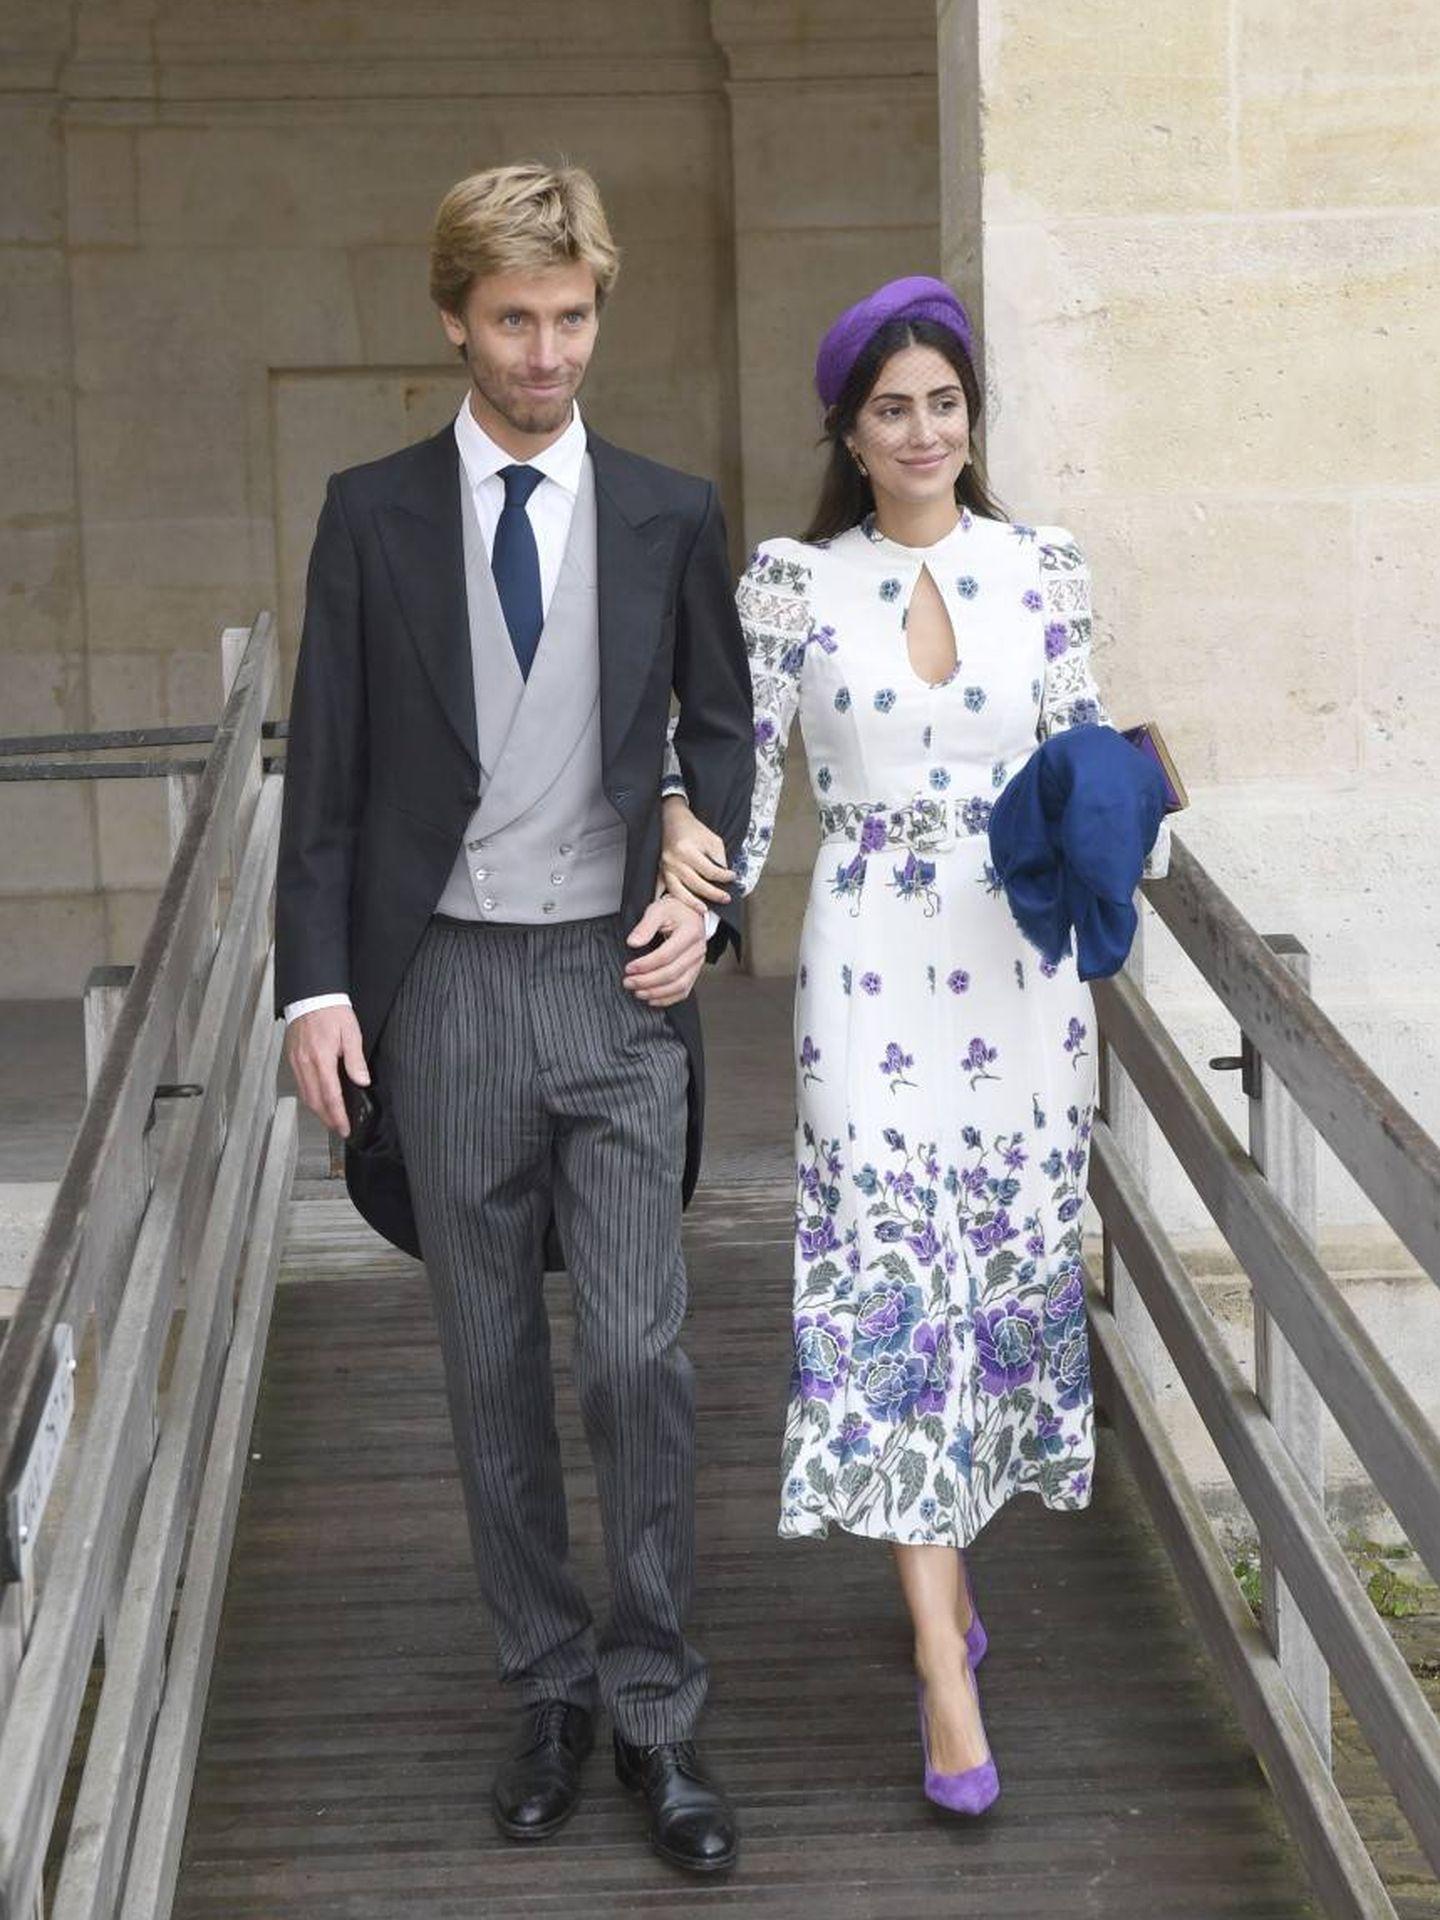 Christian de Hannover y Sassa de Osma,  en la boda entre la duquesa Olympia von und zu Arco-Zinneberg de Austria y Jean-Christophe Napoleón. (Cordon Press)